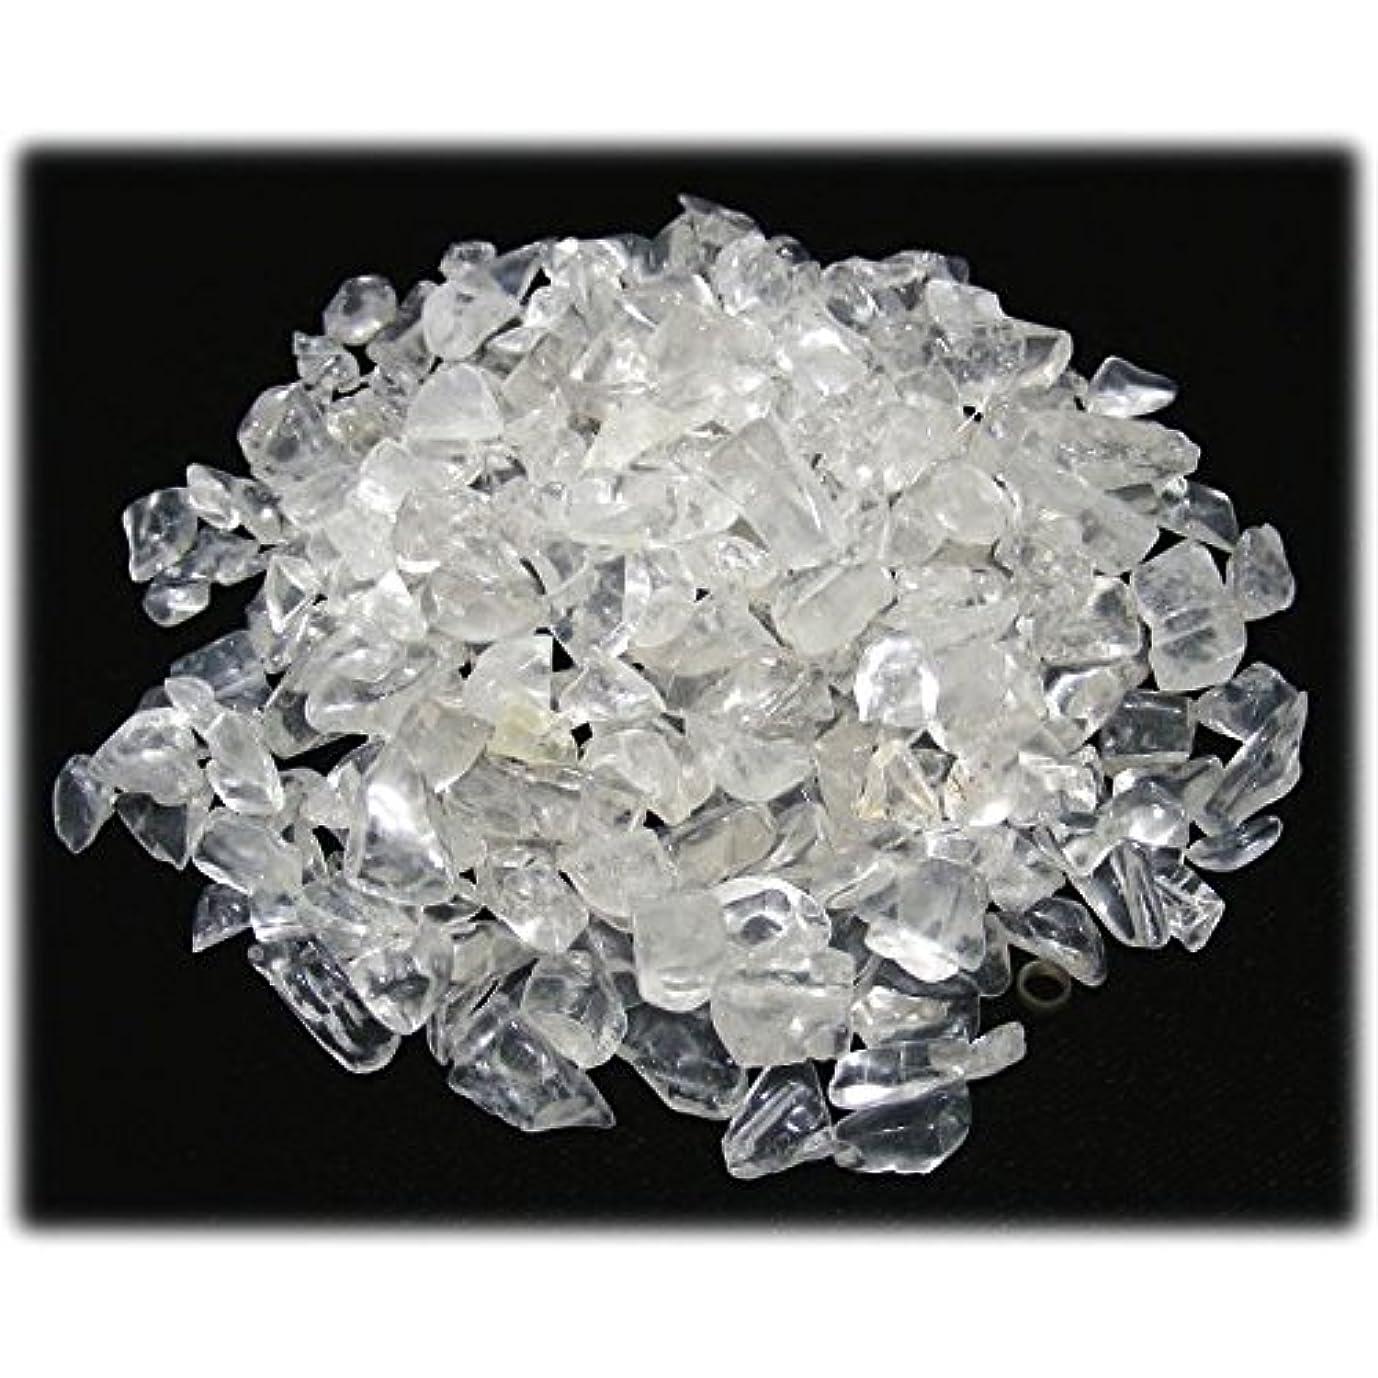 威する確執スチュワード浄化アイテム 水晶さざれ(穴無し)100g